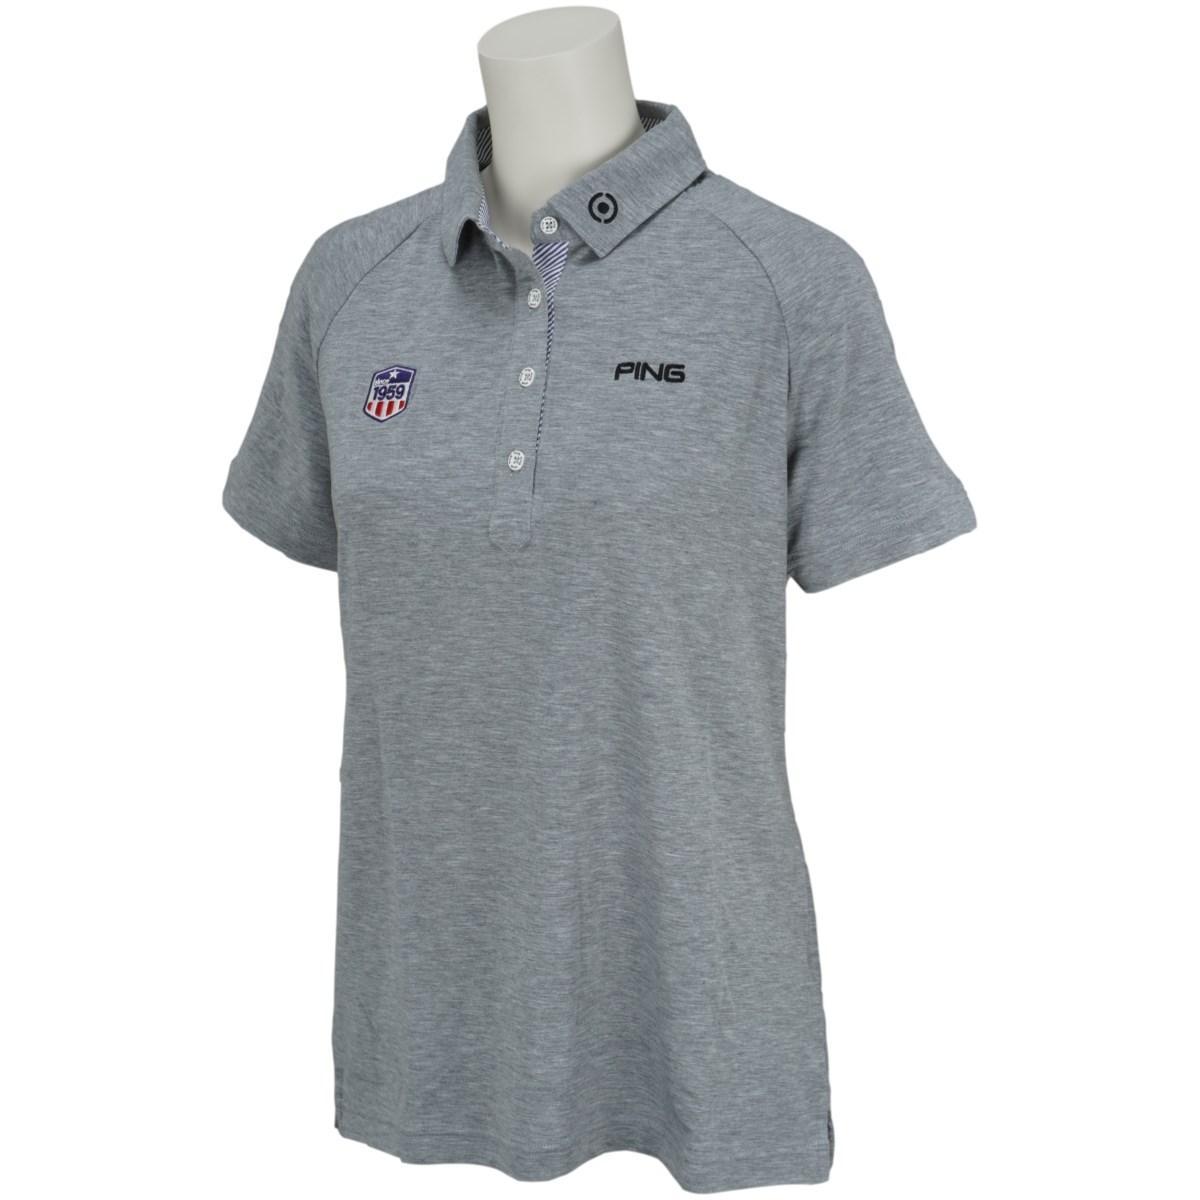 ピン PING 共襟半袖ポロシャツ S グレー 022 レディス